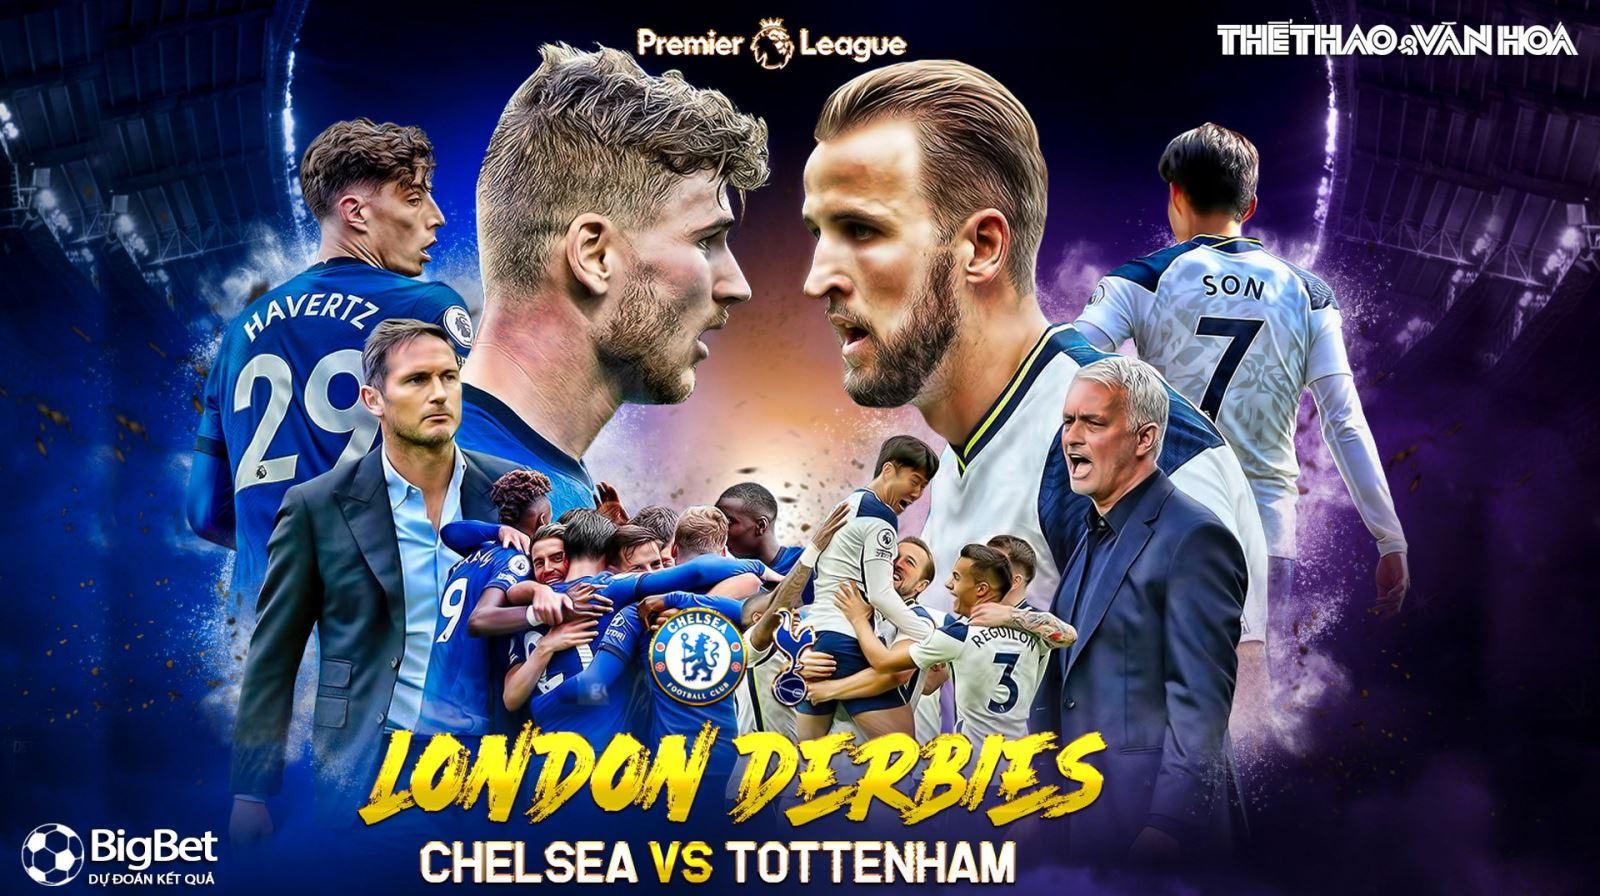 Truc tiep bong da. K+PM. Southampton vs MU. Chelsea vs Tottenham. Xem MU. Trực tiếp bóng đá. Ngoại hạng Anh. Xem bóng đá Anh. MU đấu với Southampton. Xem bóng đá Anh